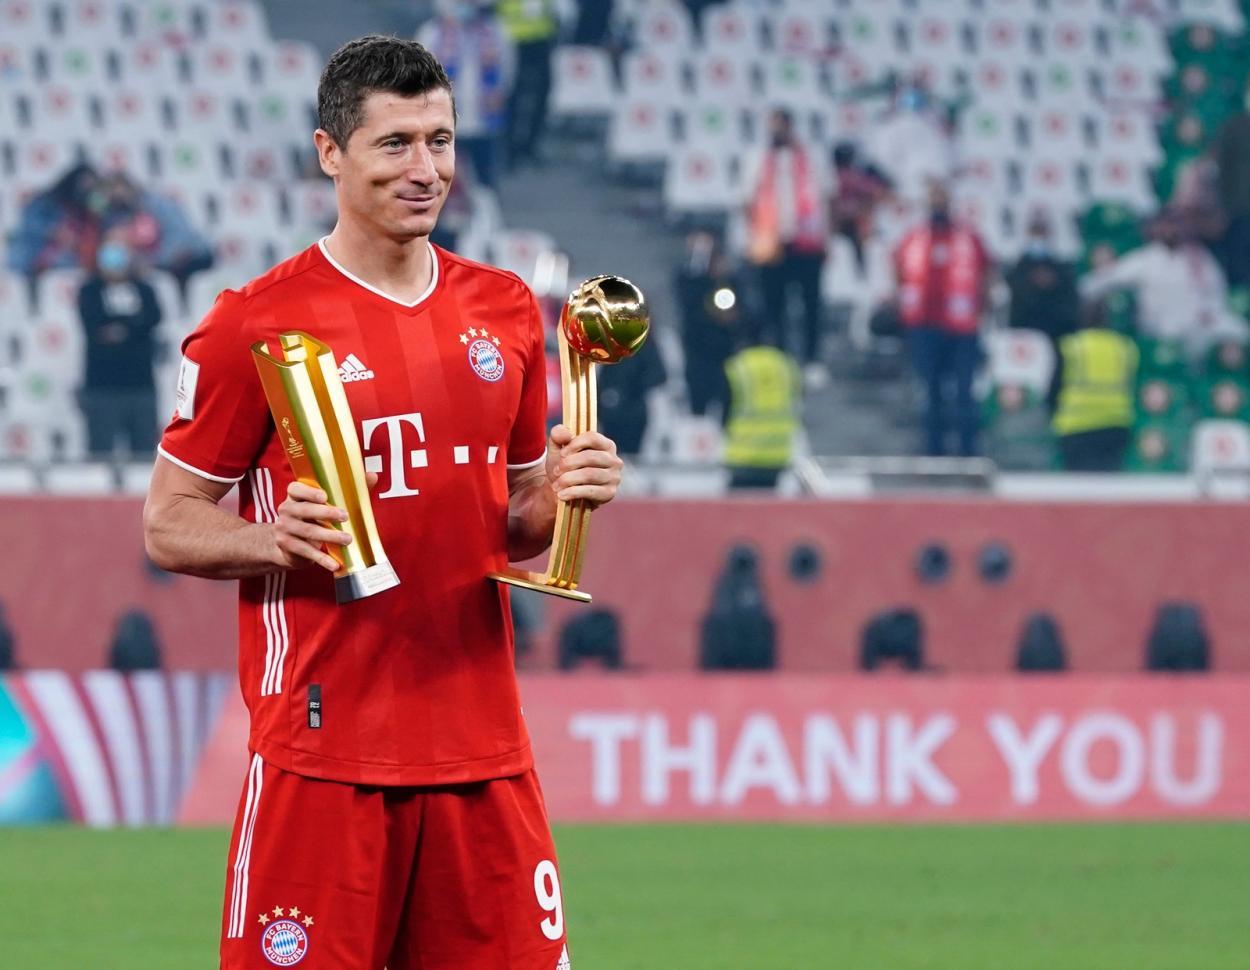 El polaco Robert Lewandowski, ganador del Balón de Oro Adidas. /Twitter: Bayern Múnich oficial